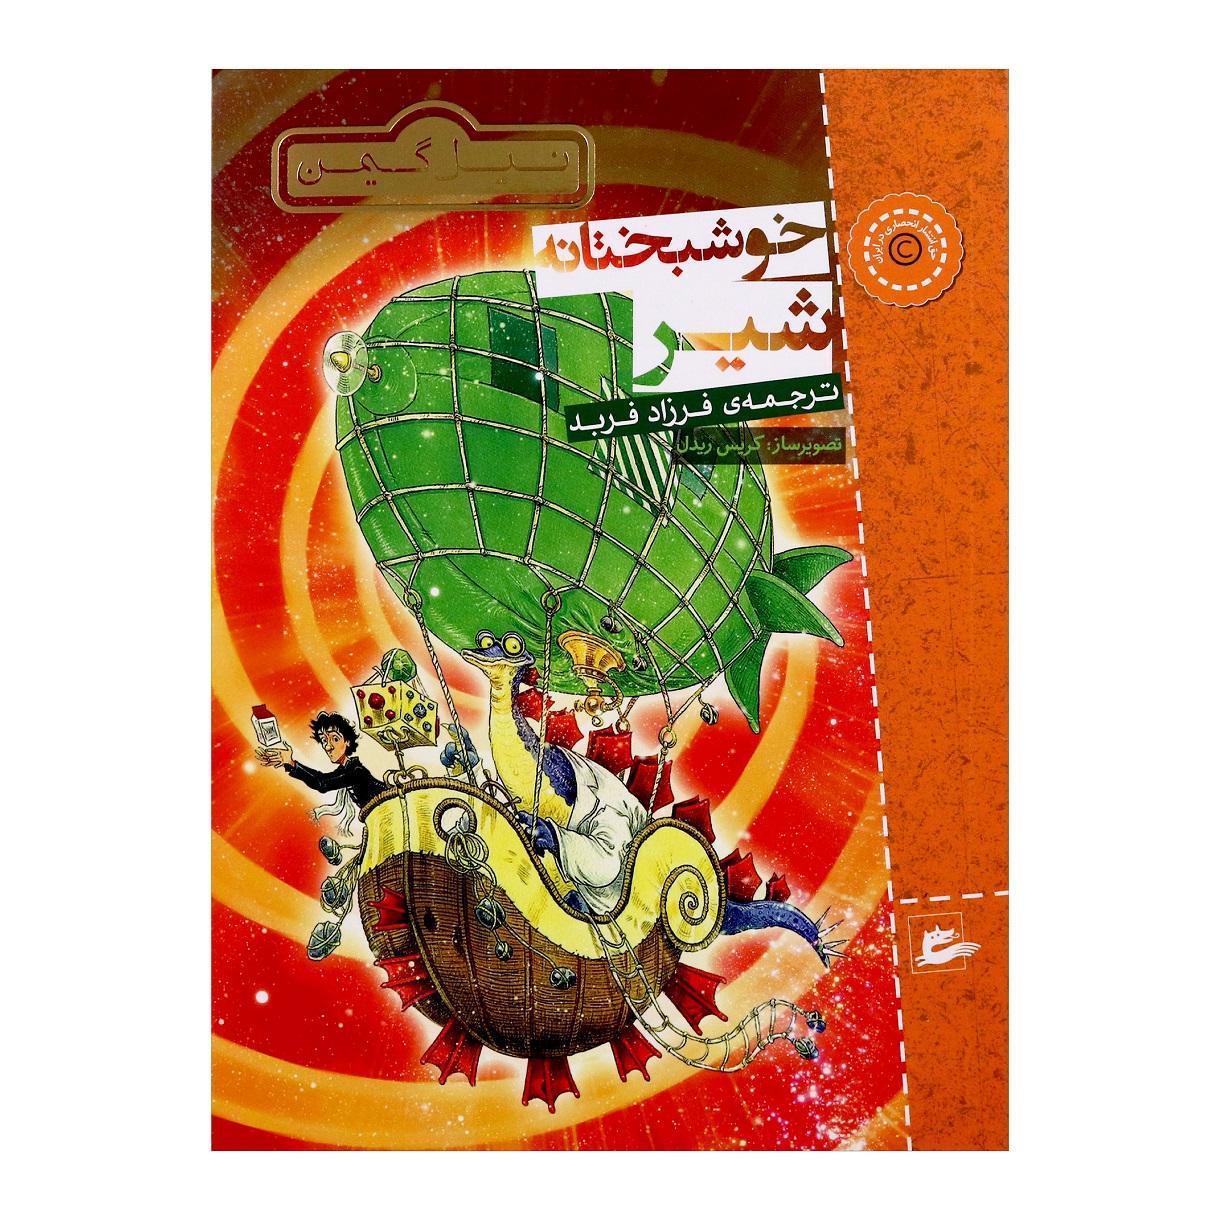 کتاب خوشبختانه شیر اثر نیل گیمن انتشارات پریان